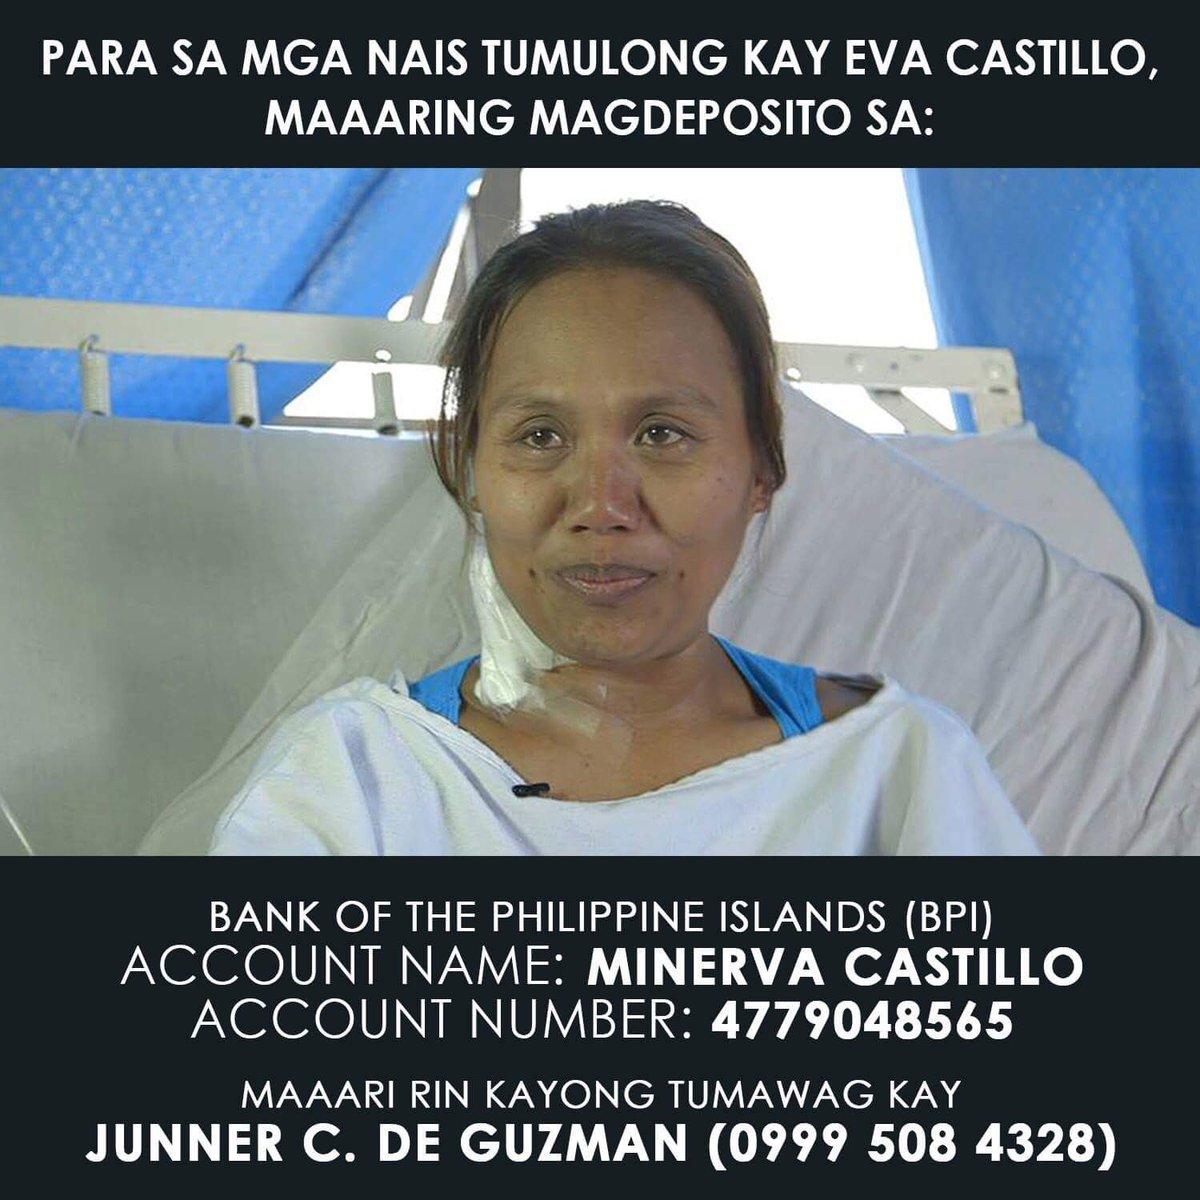 Para po sa mga nais magpahatid ng tulong kay Eva Castillo, basahin ang...